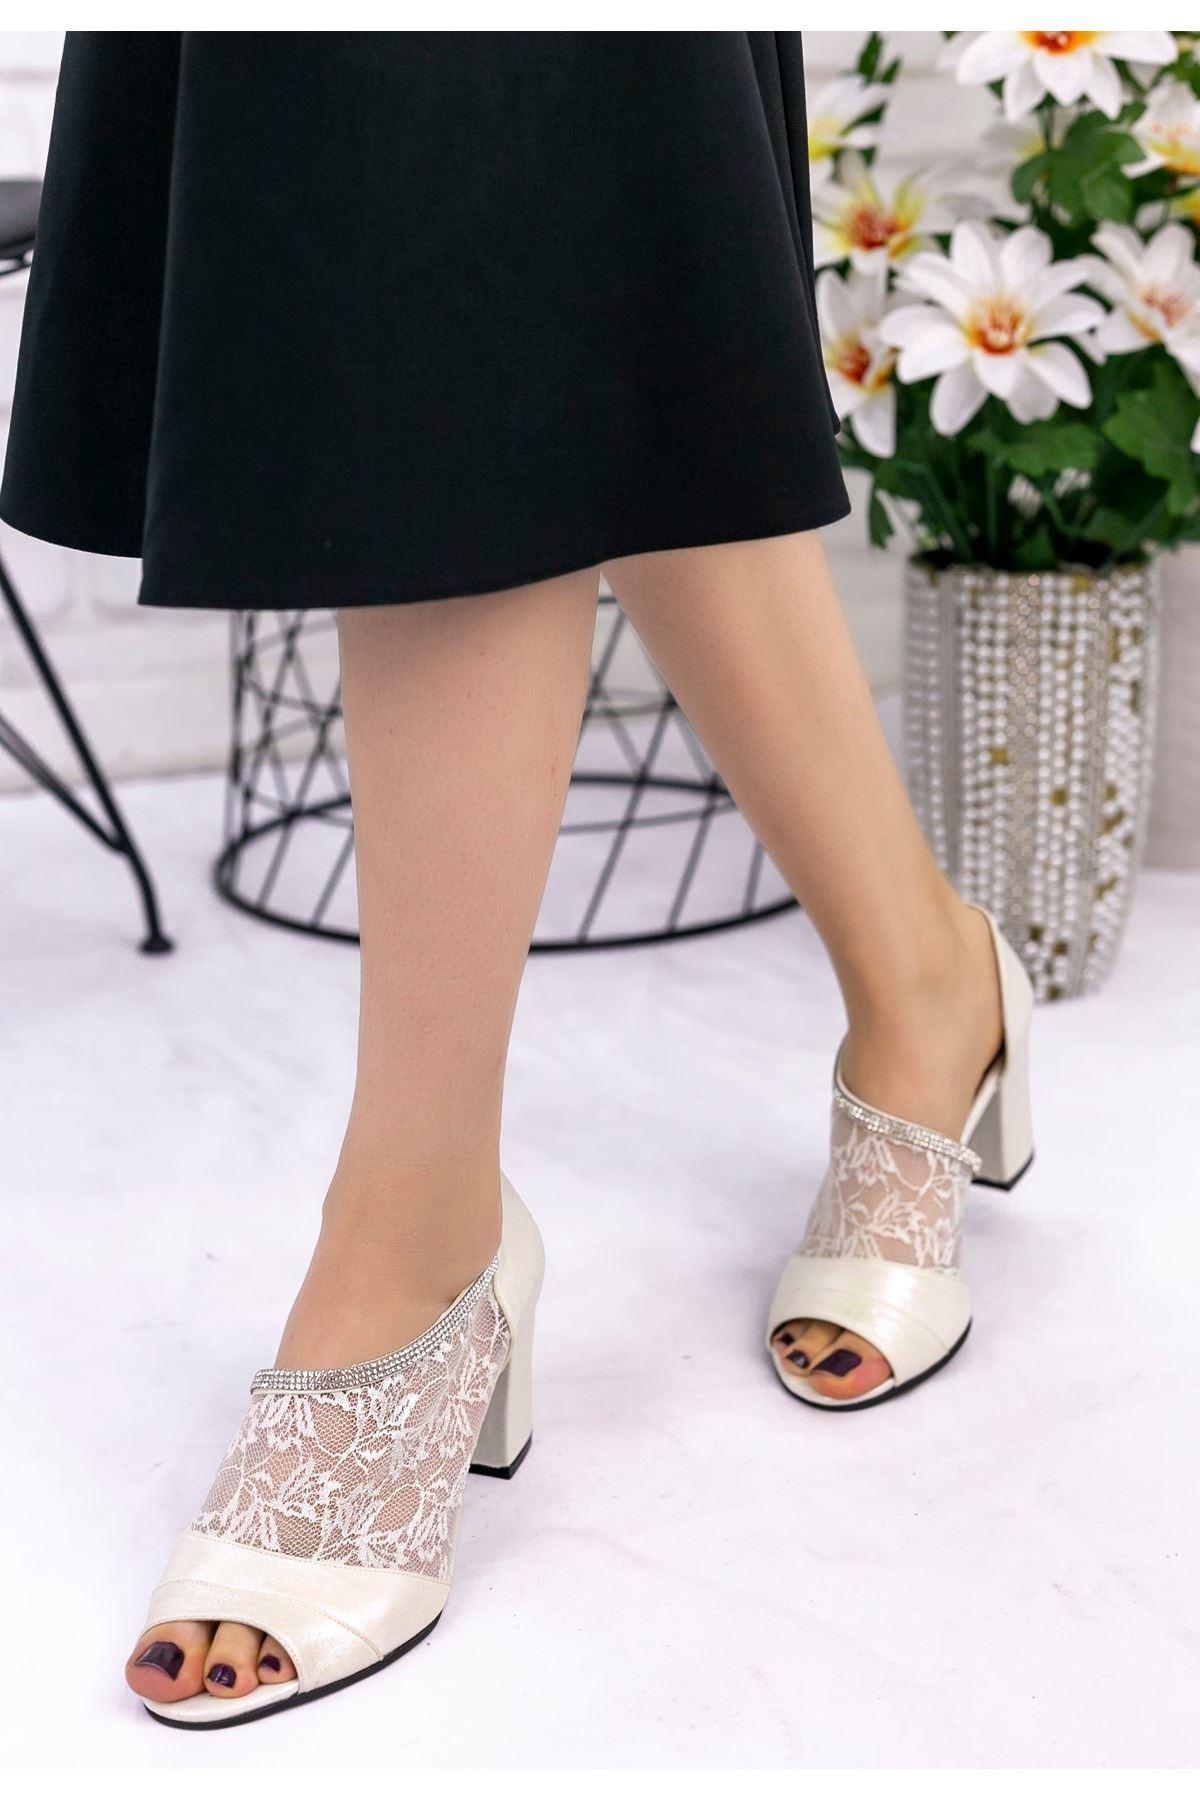 Cary Beyaz Cilt Topuklu Ayakkabı